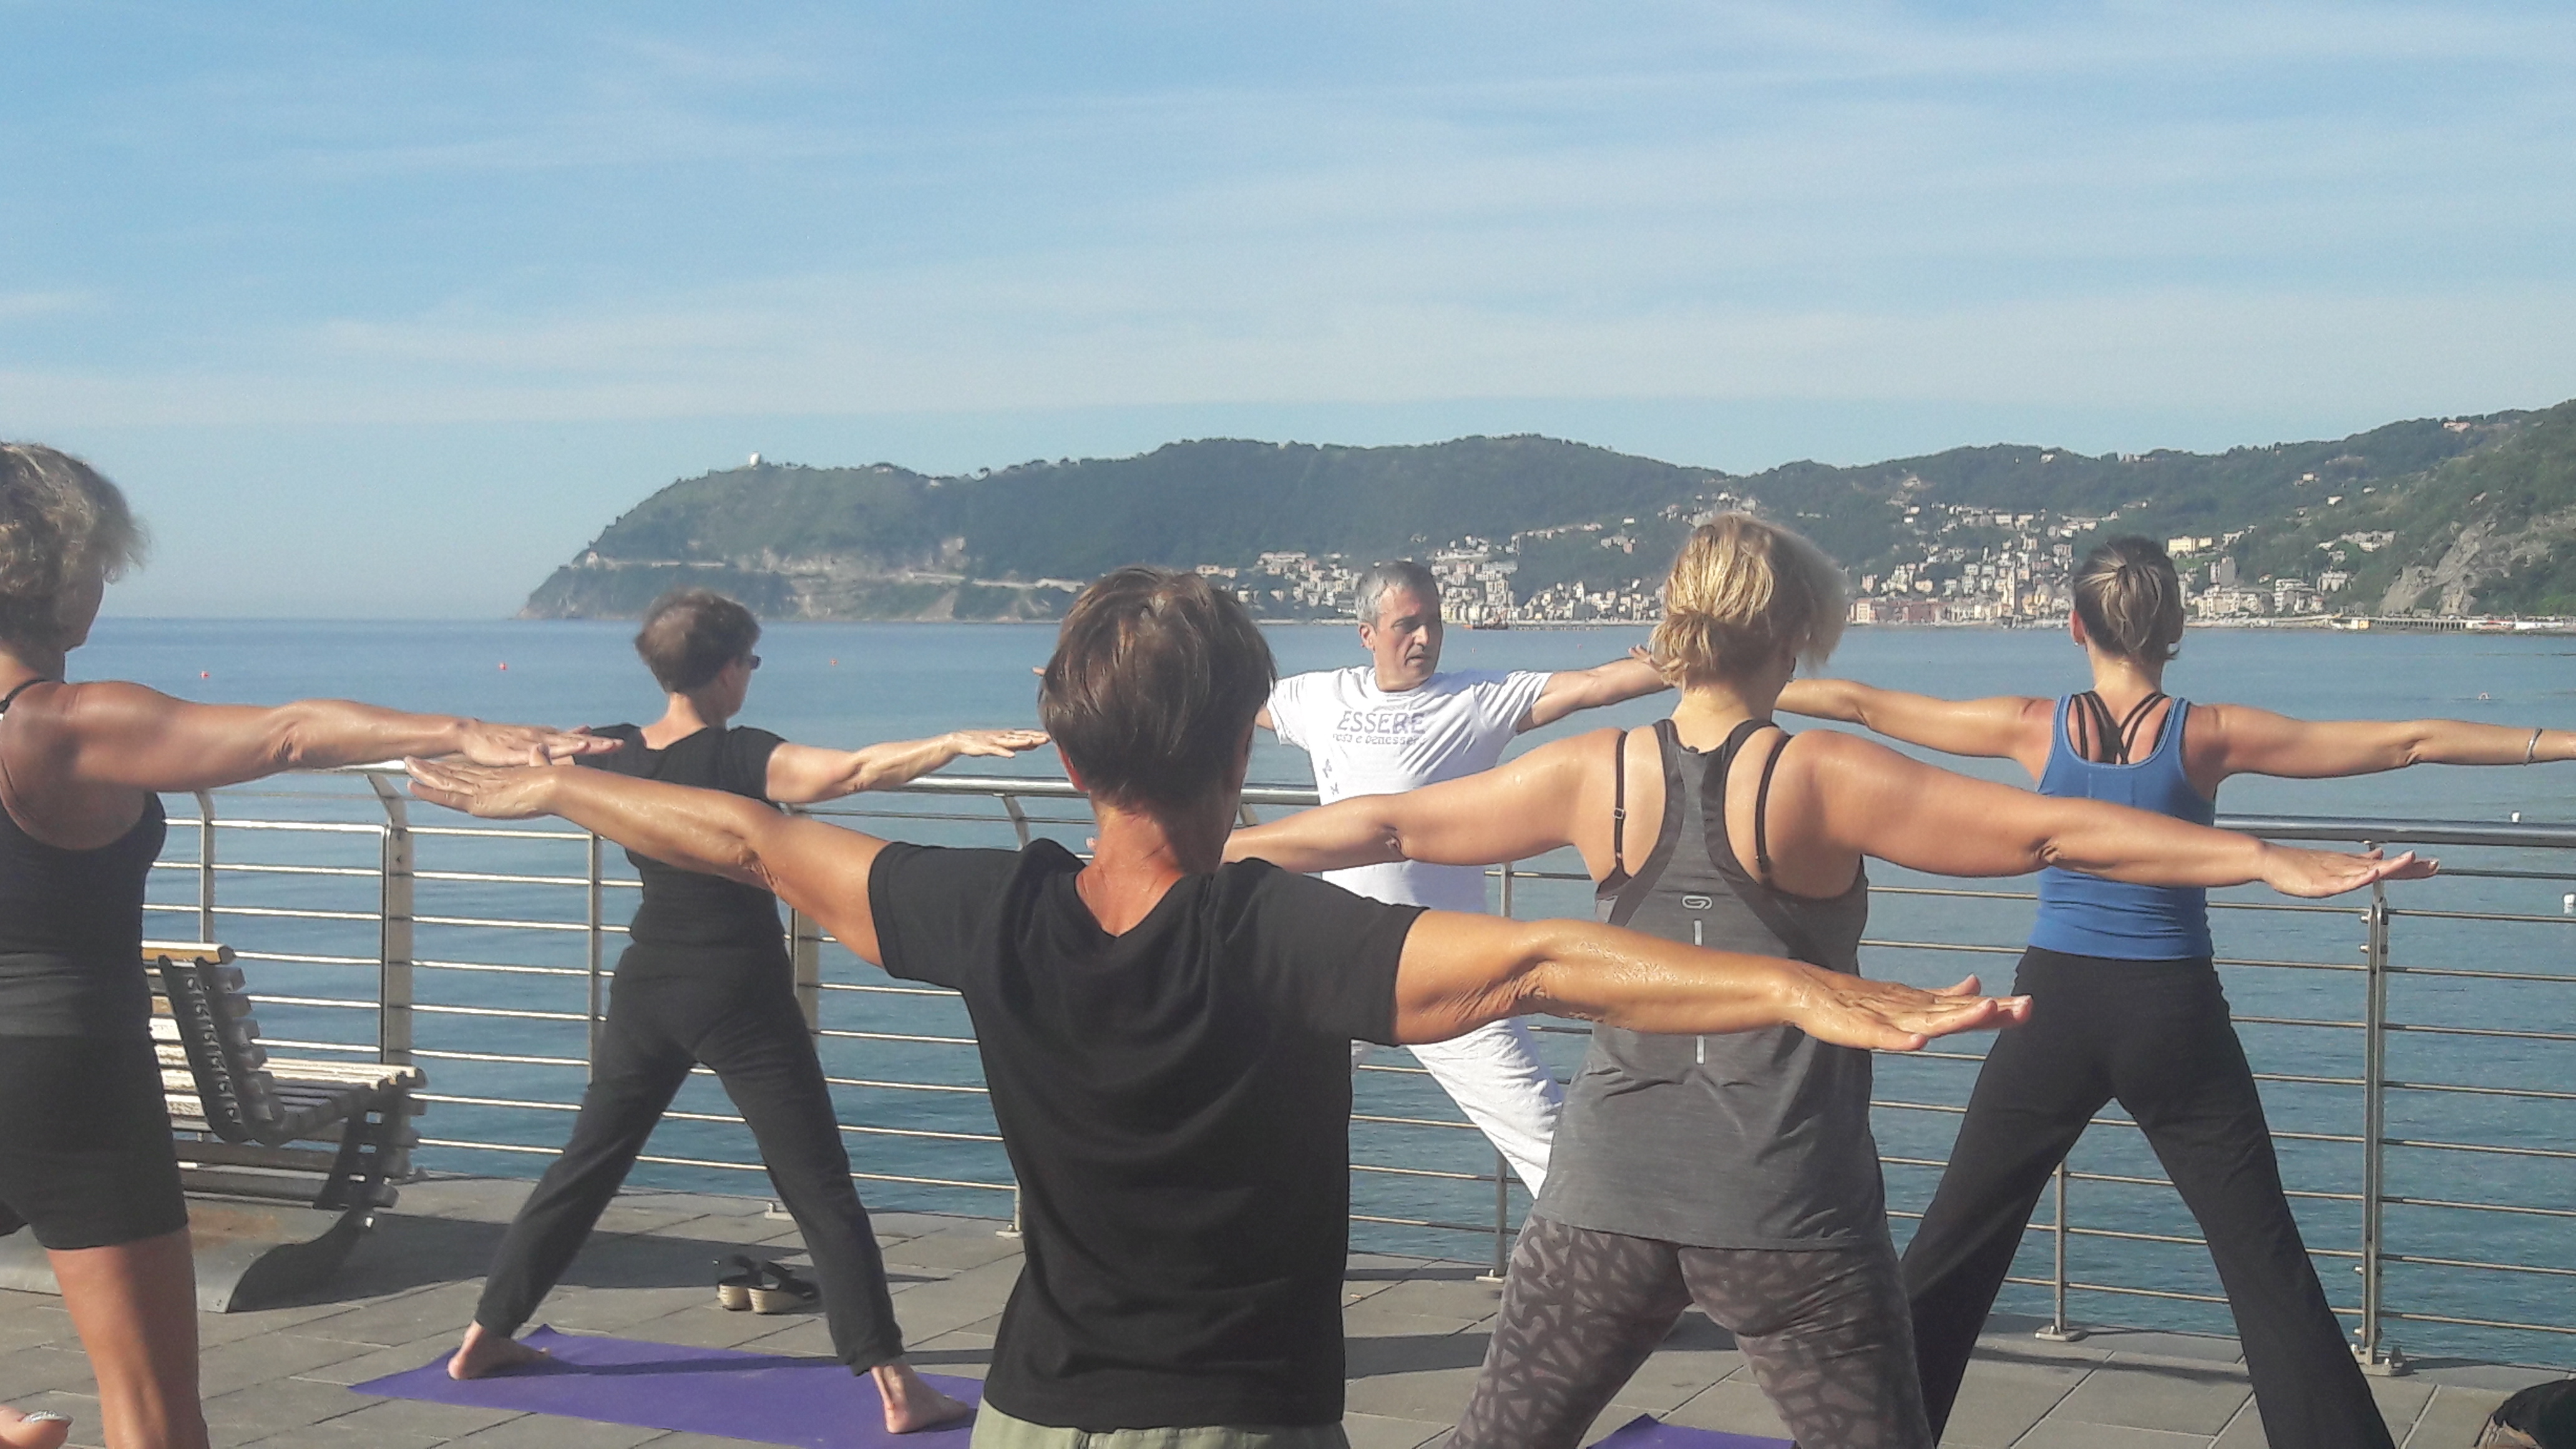 essere-free-yoga-gratuito-benessere-per-tutti-village-citta-alassio-estate-lucia-ragazzi-summer-town-wellness-003